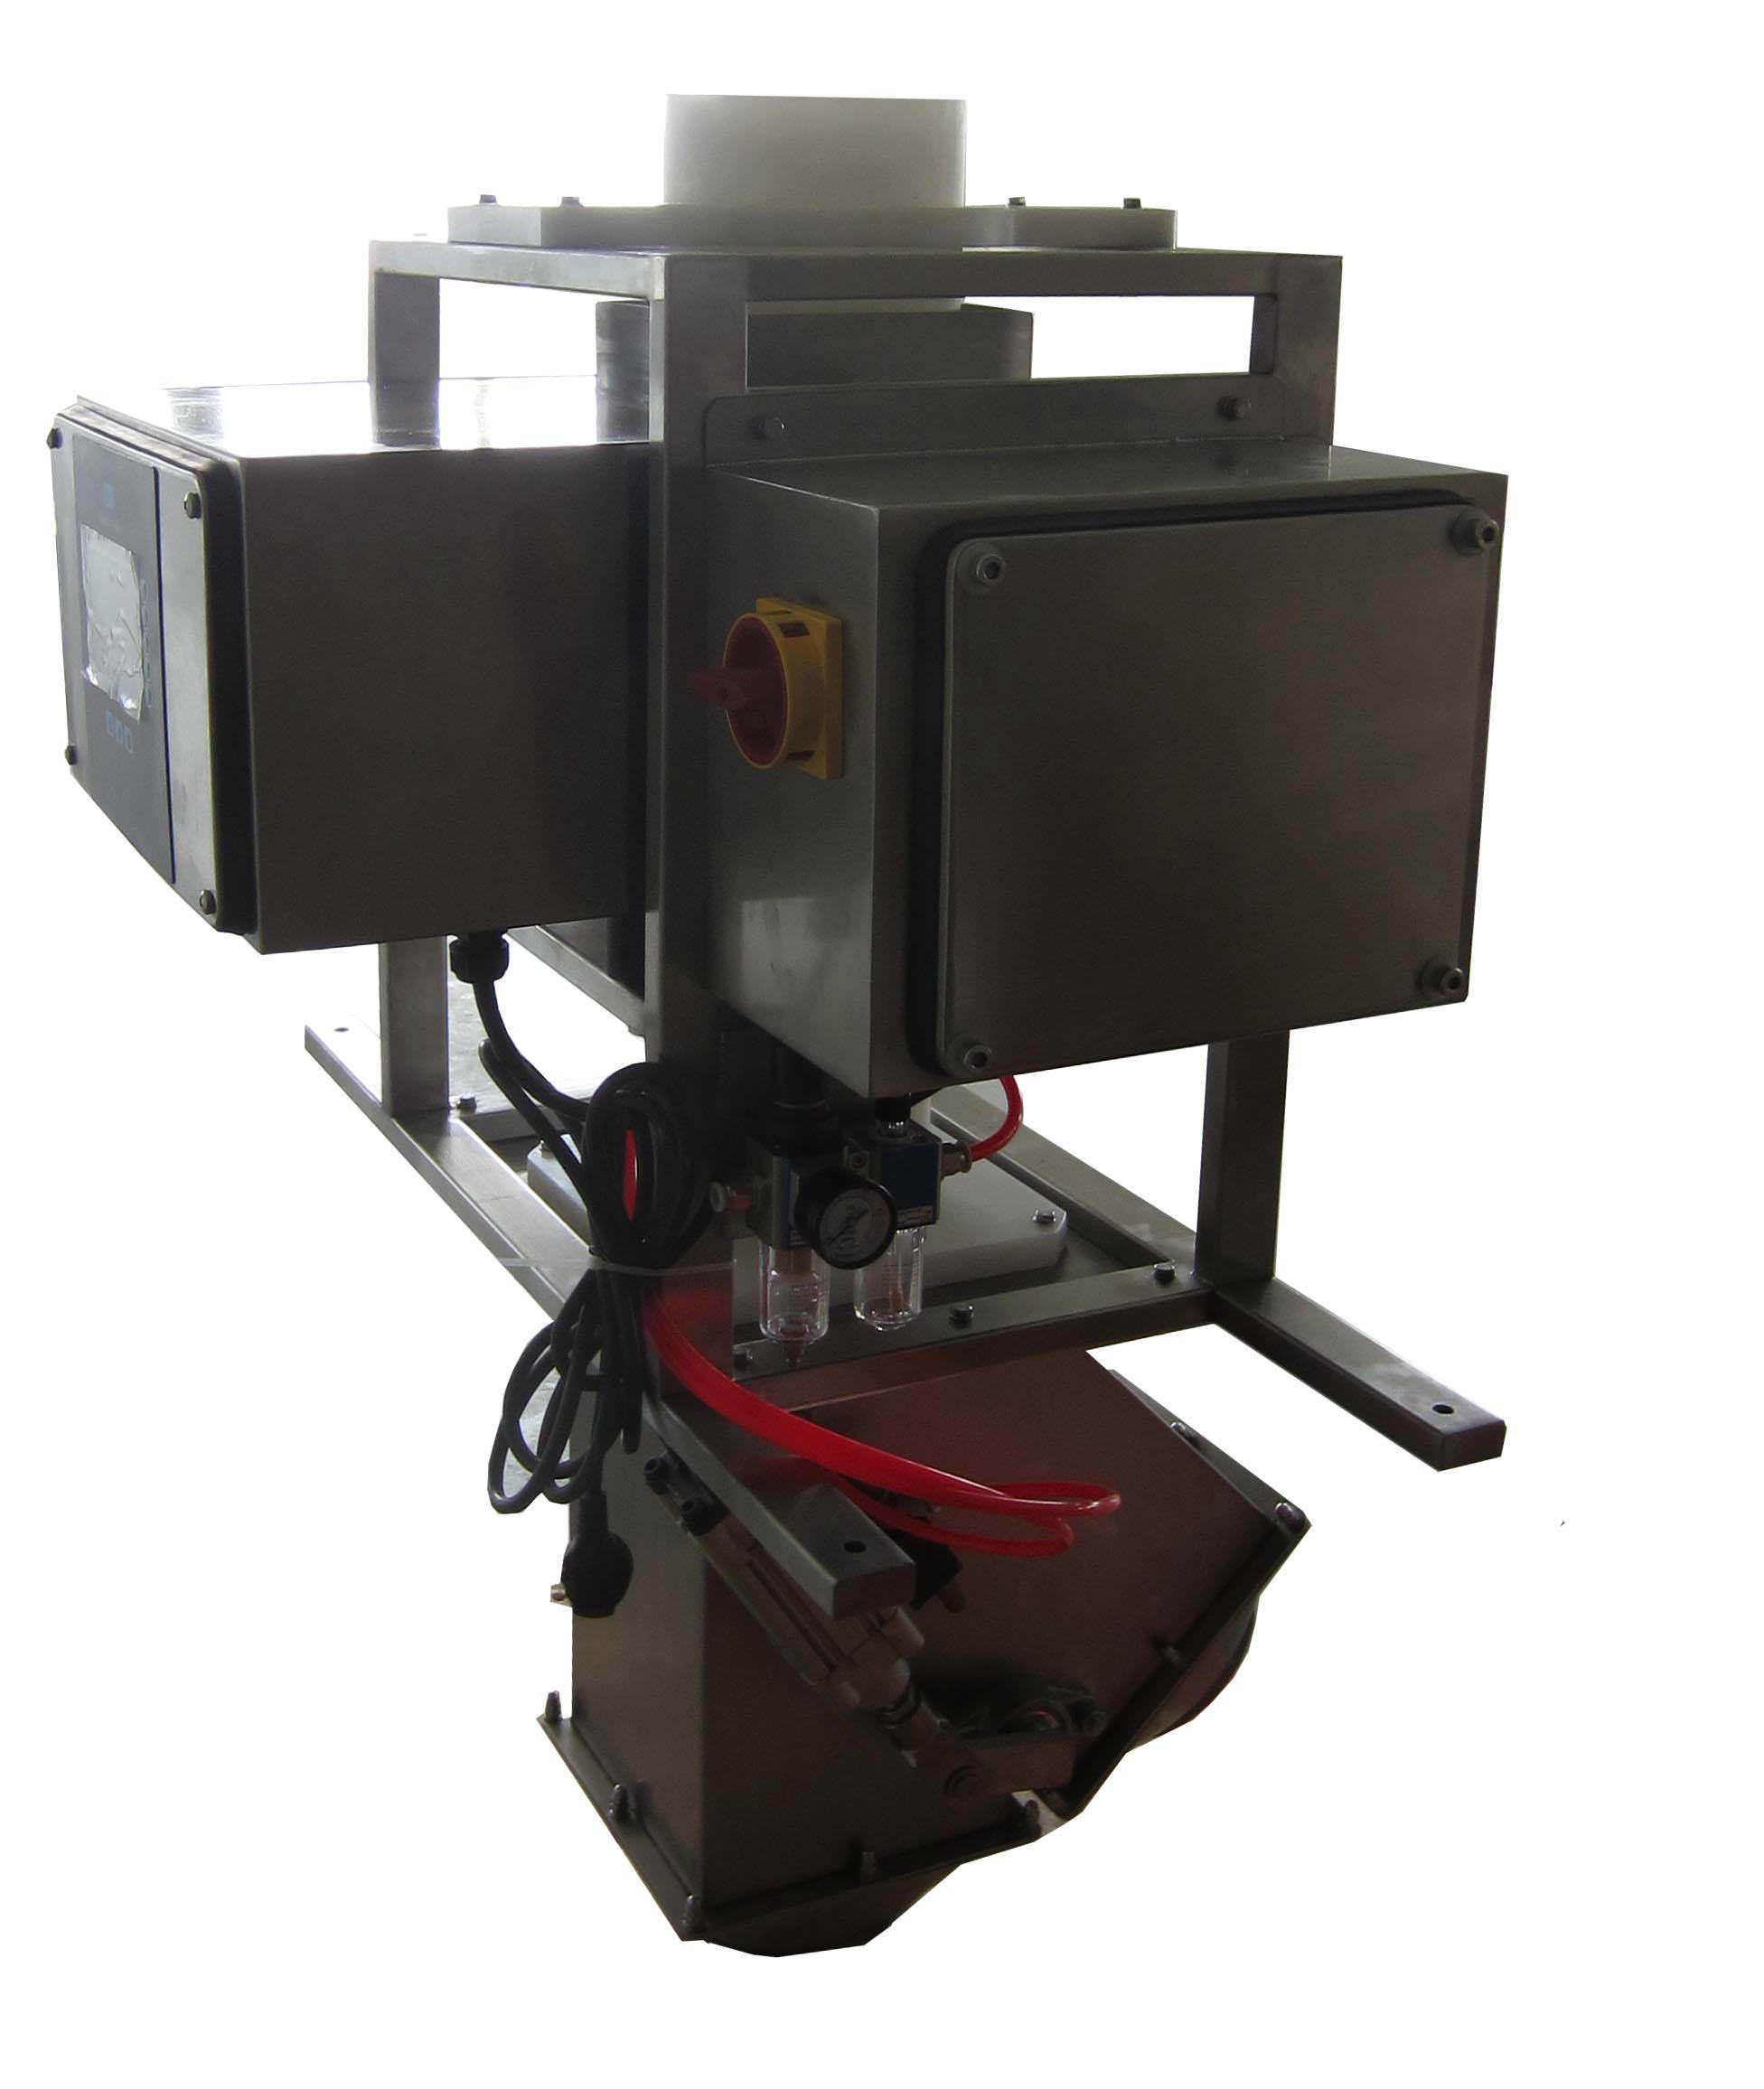 Metal Detector Hmdf